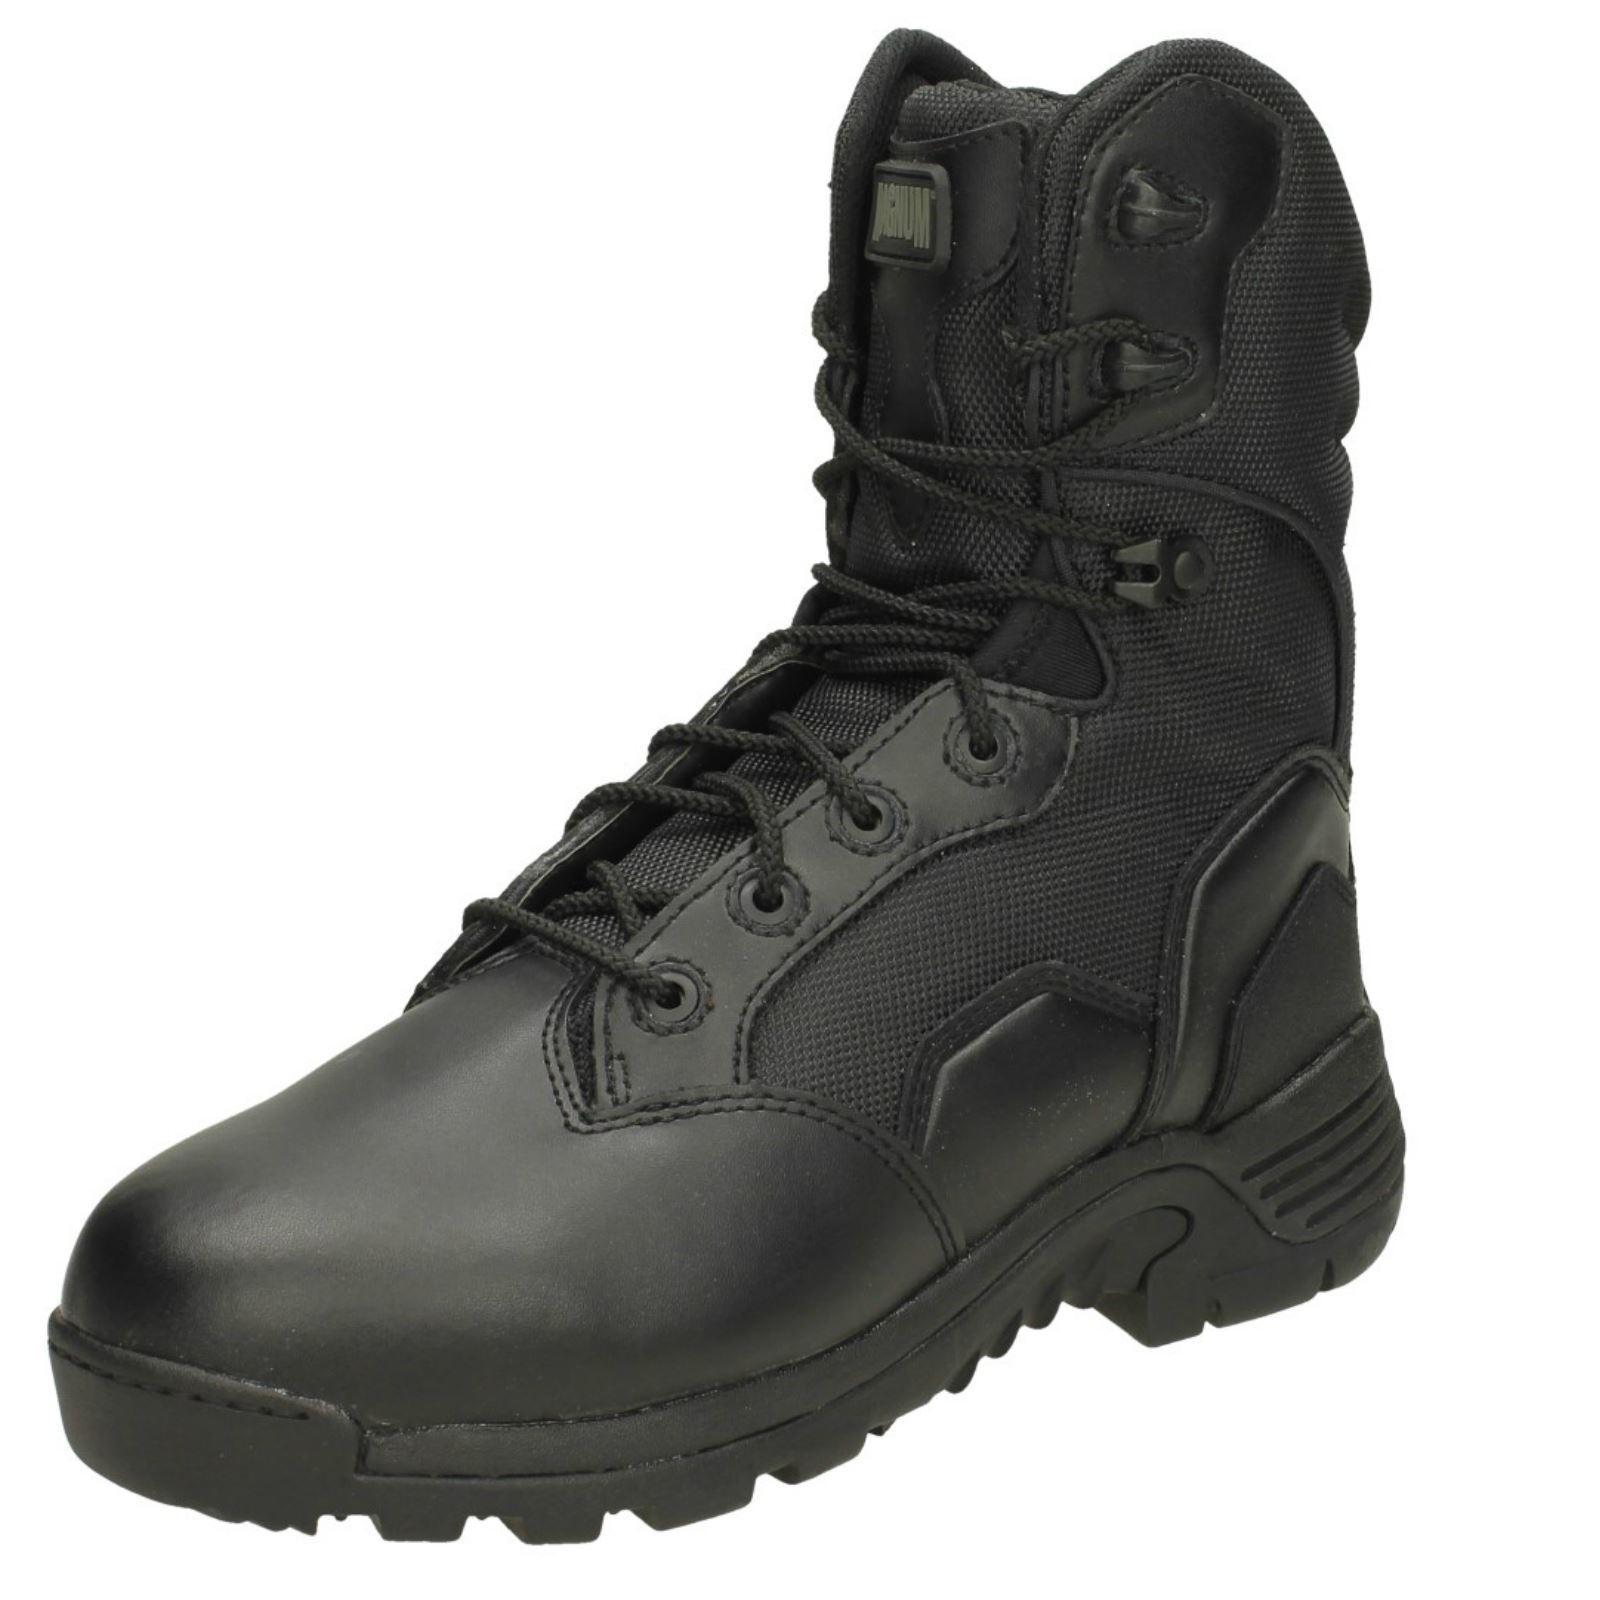 botas para hombre aisladas Impermeables Magnum   Strike Force II